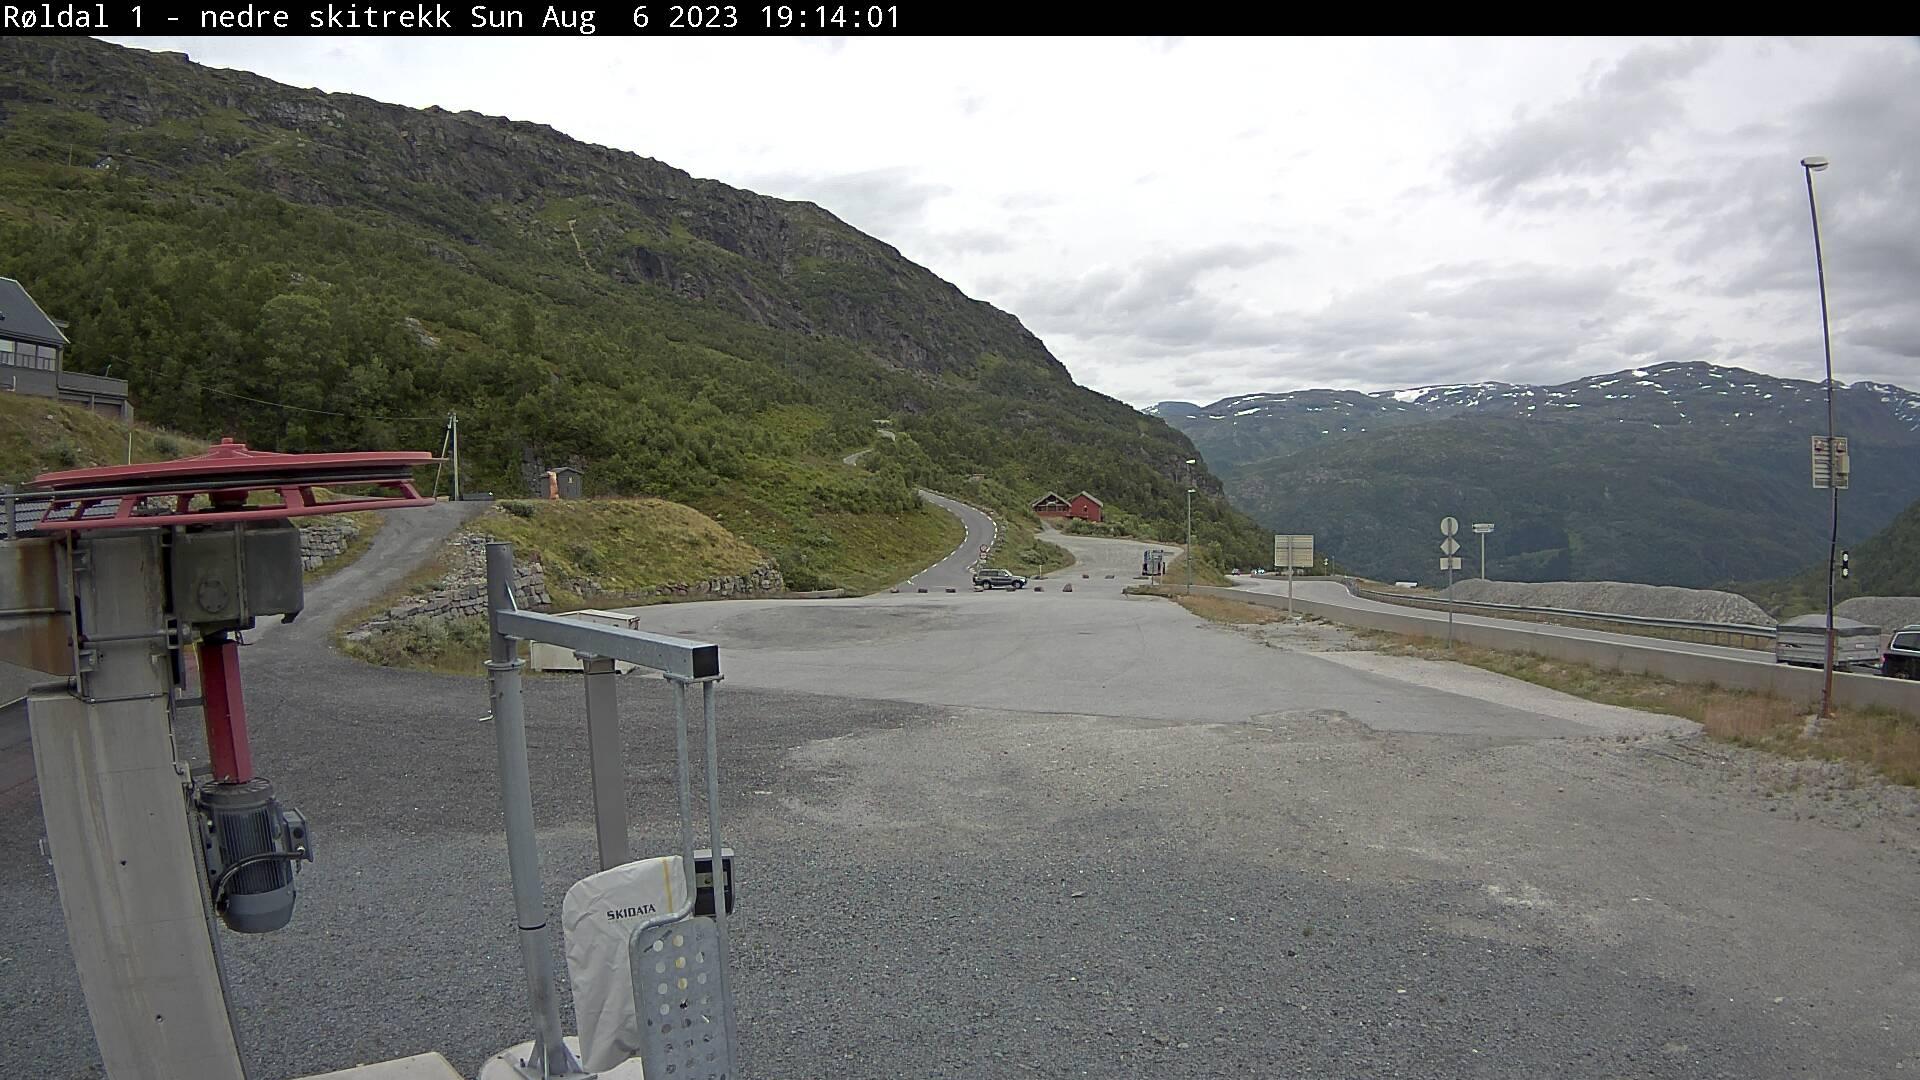 Røldal - ski slope; parking